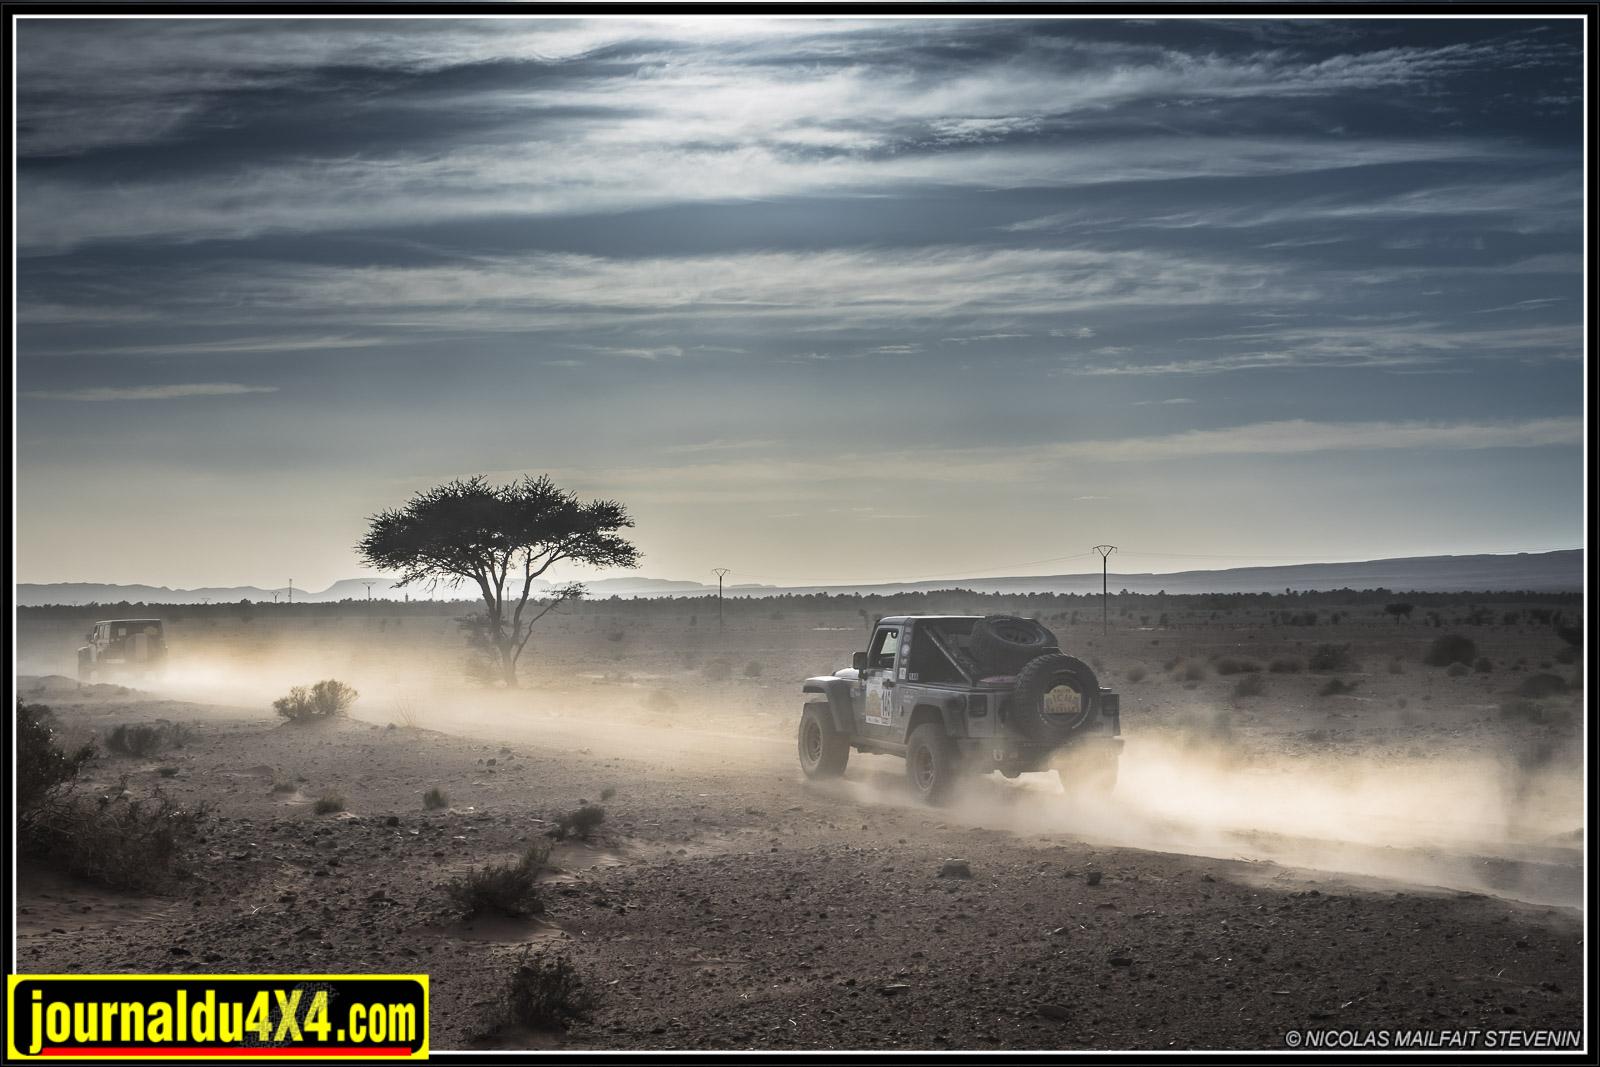 rallye-aicha-gazelles-maroc-2017-6899-2.jpg